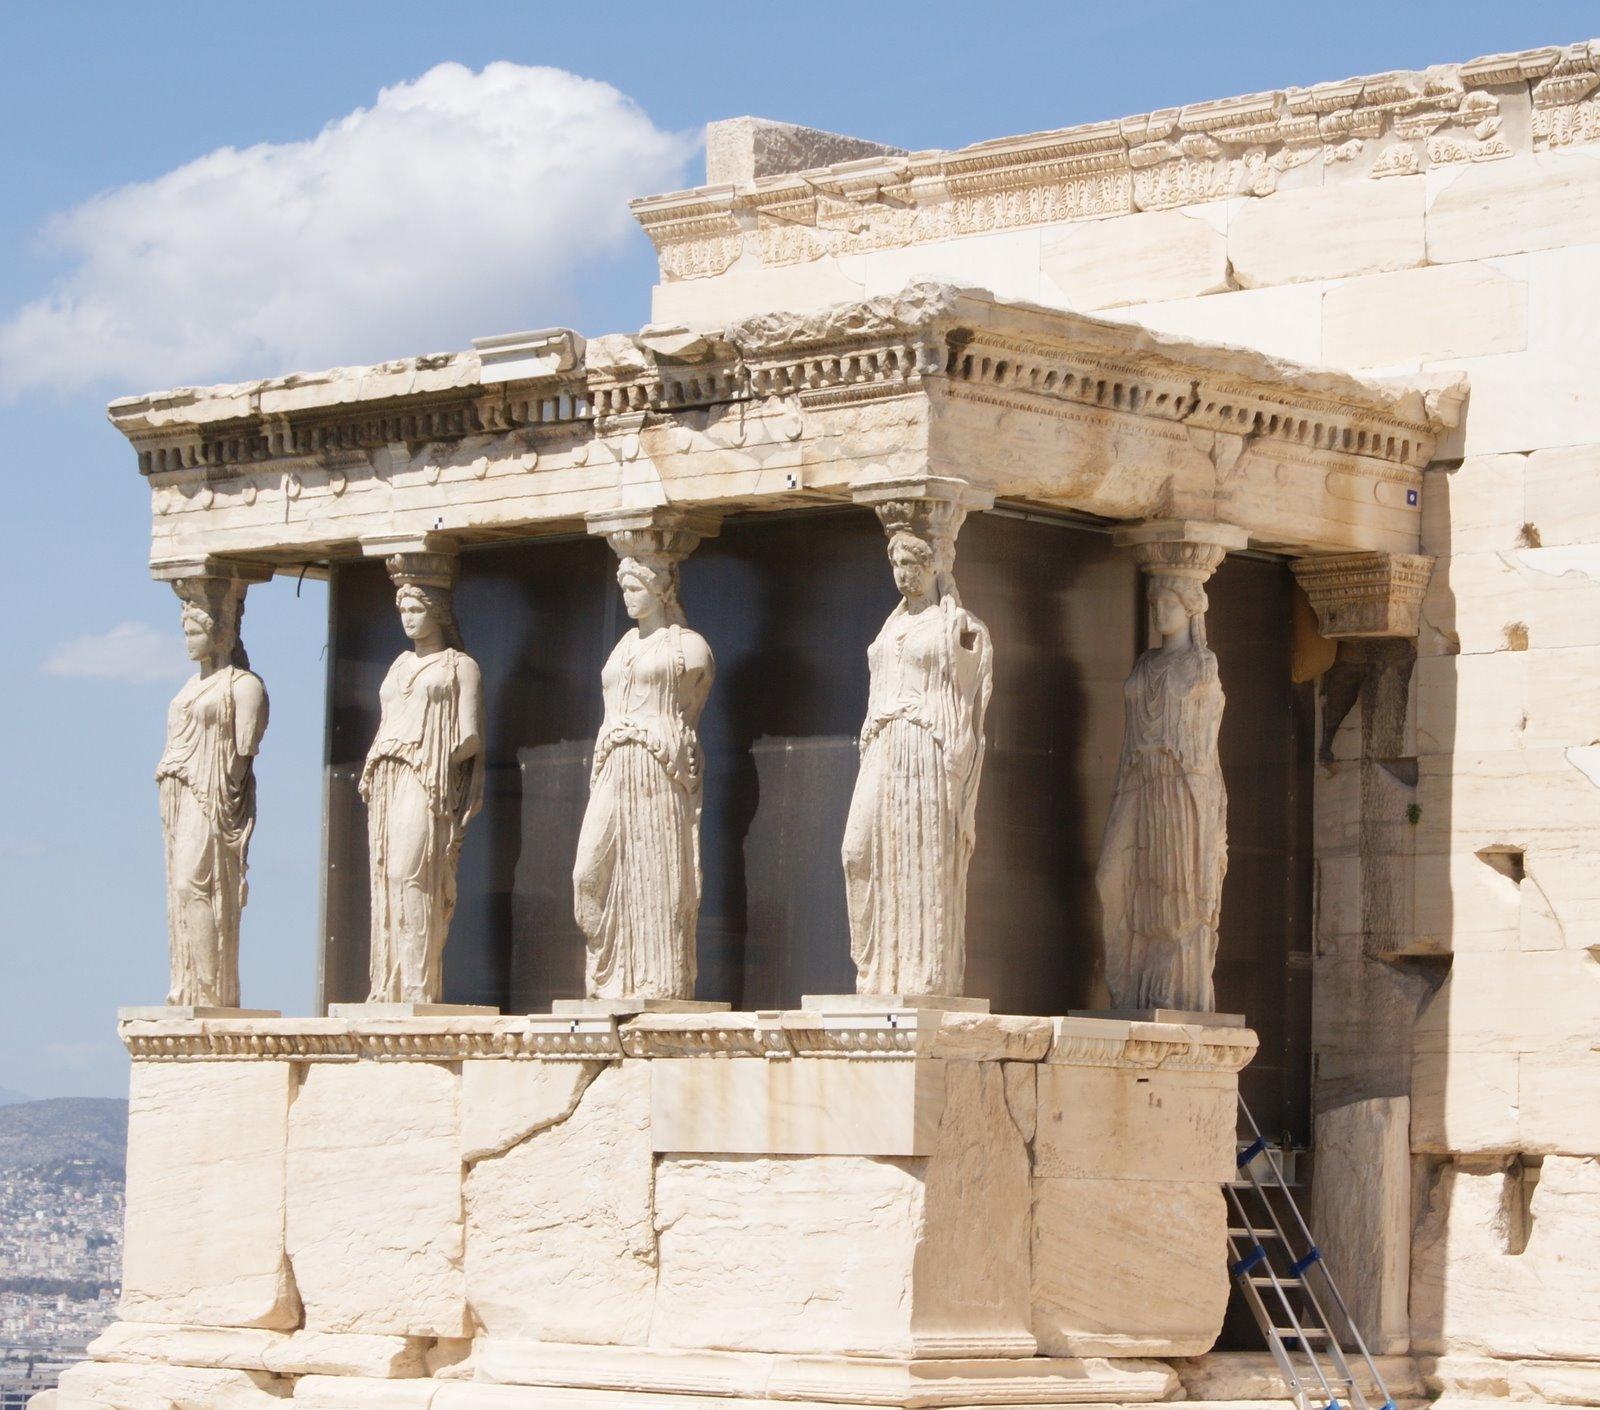 Turkey And Greece 2010: Athens & The Acropolis & Parthenon